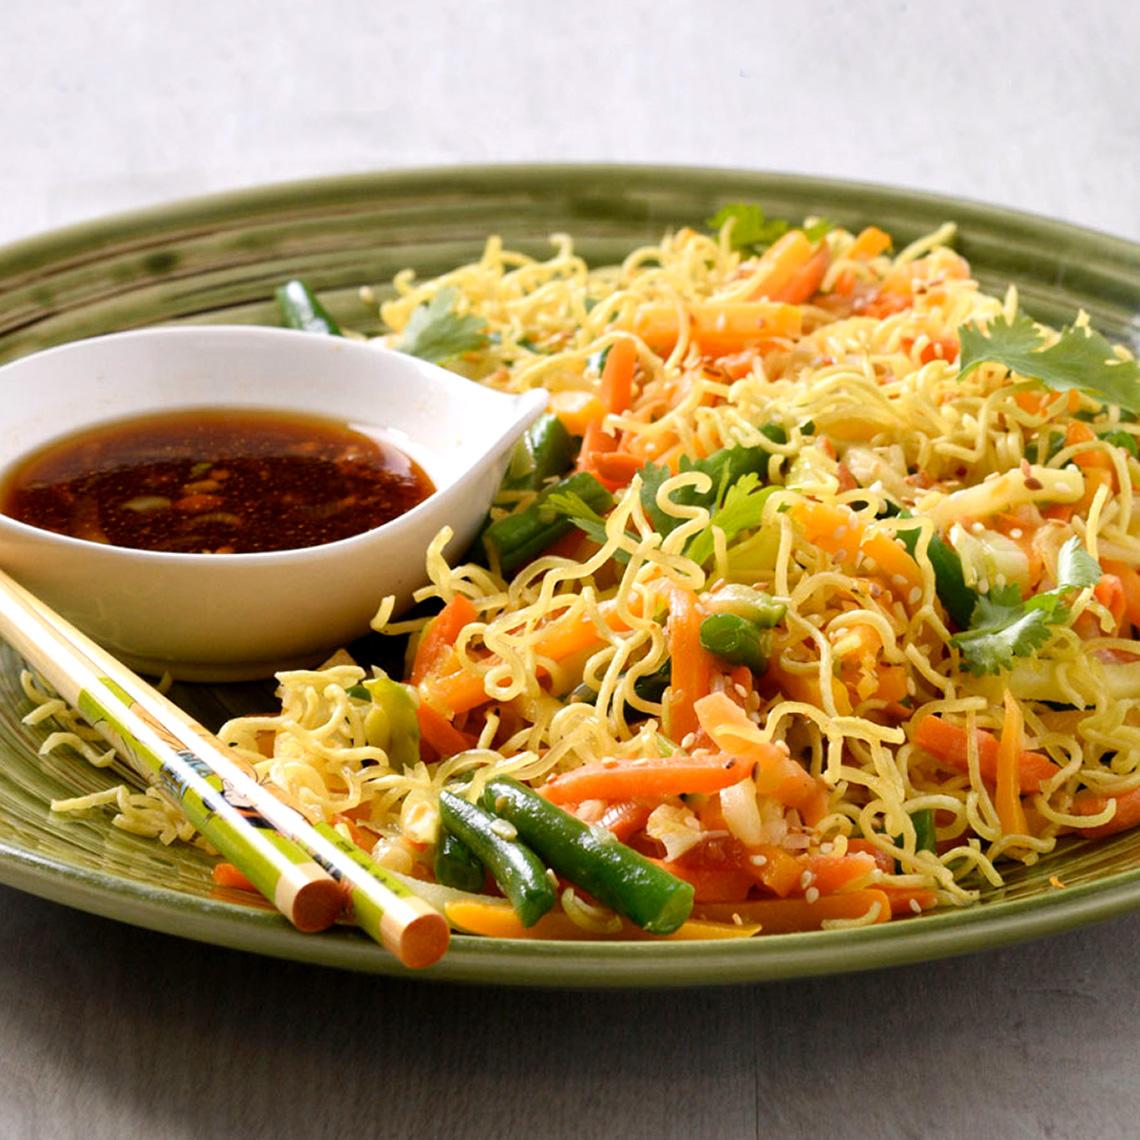 Crispy vegetable salad